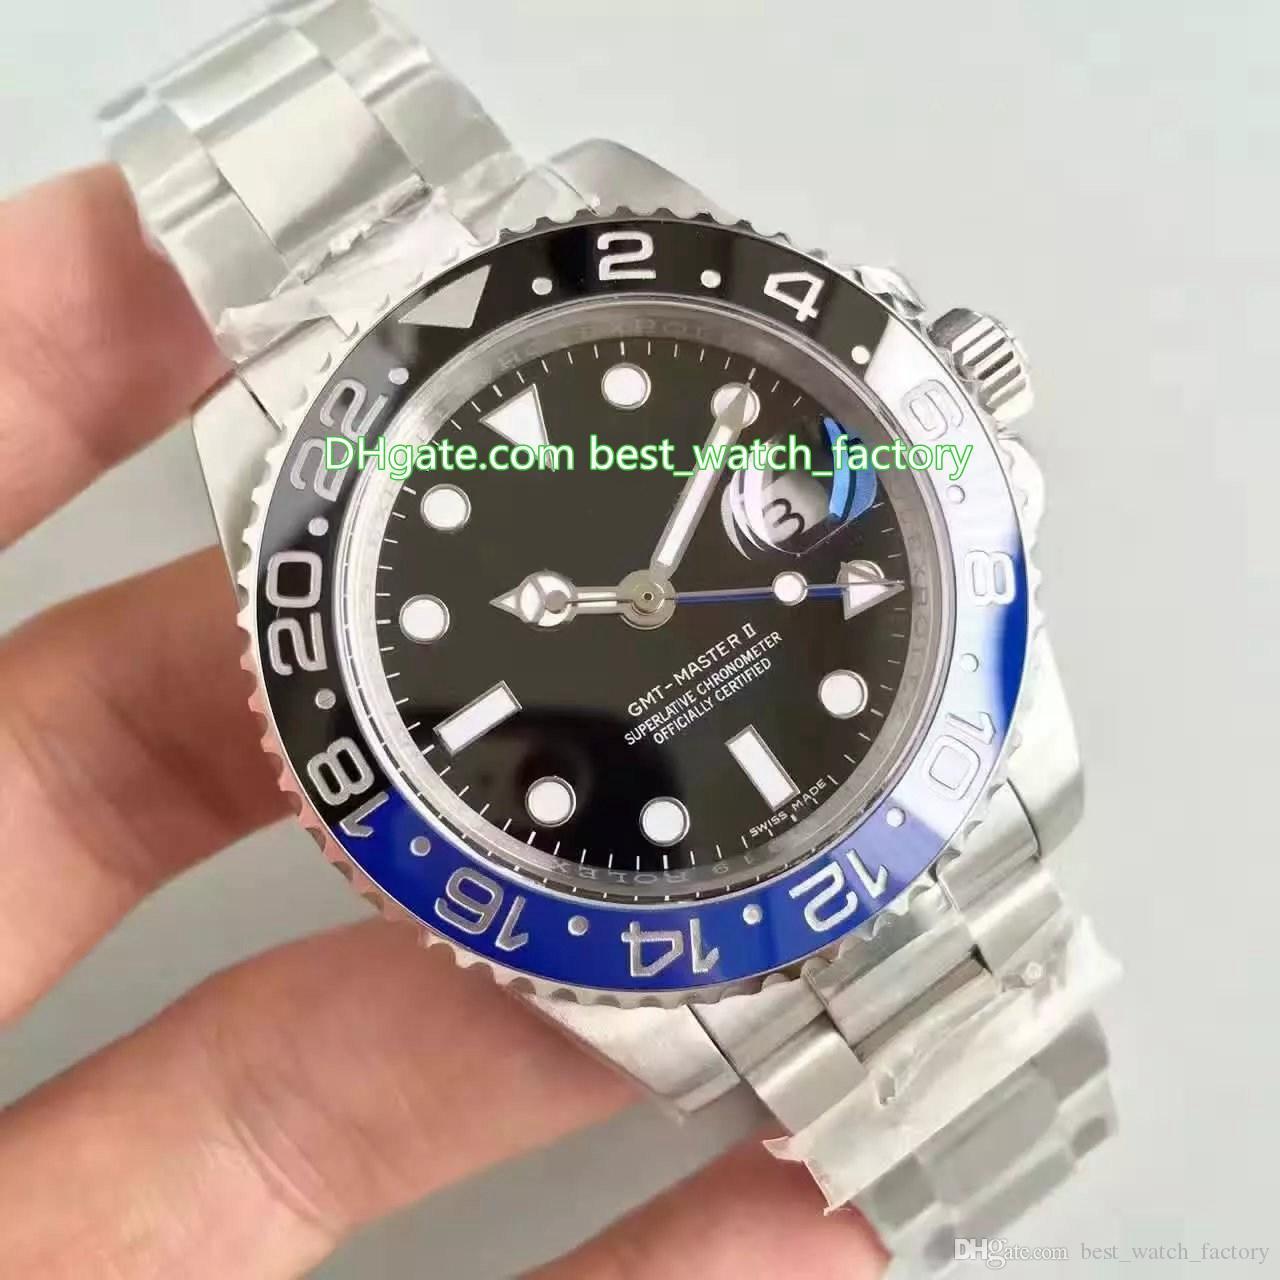 2 cores top venda melhor qualidade n v8 40mm GMT batman 116710 116710ln 116710blnr cerâmica suíça cal.3186 movimento automático dos homens relógios relógios